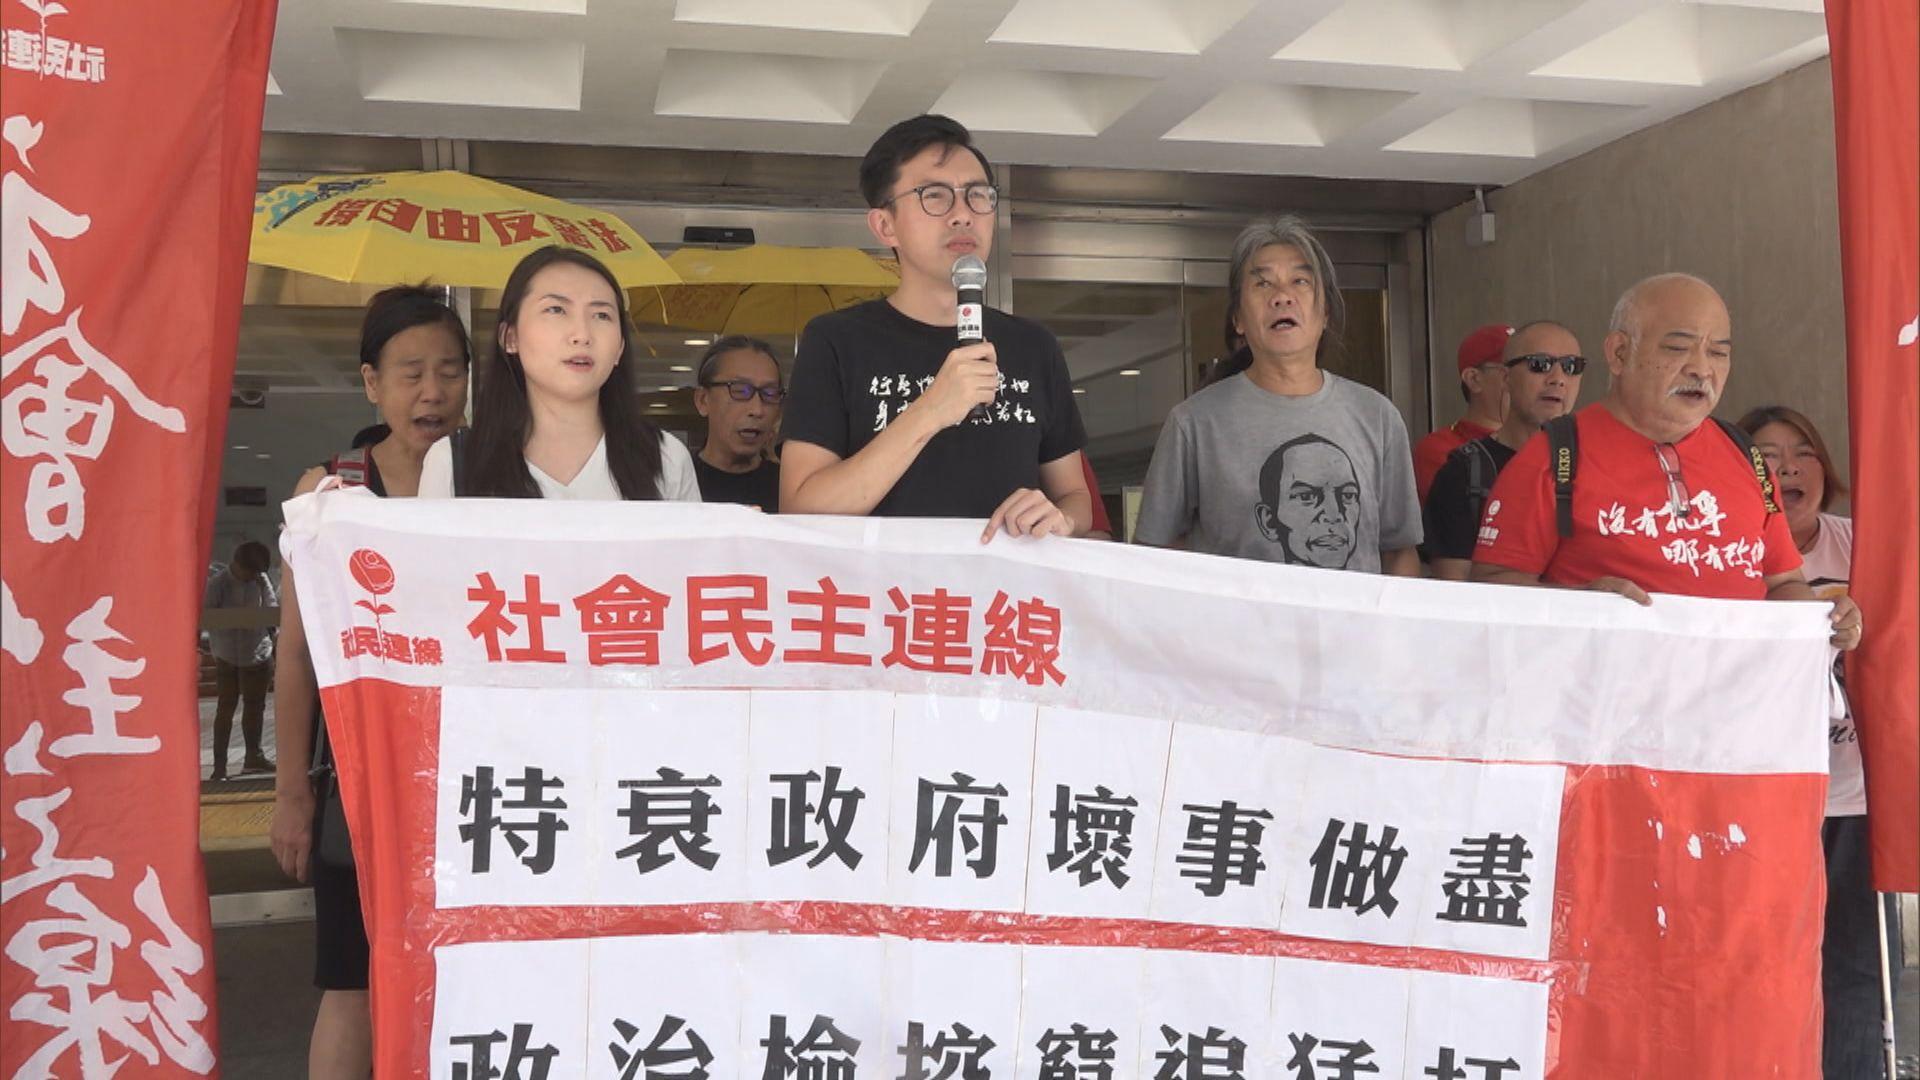 吳文遠擲三文治案 高院拒律政司上訴至終院